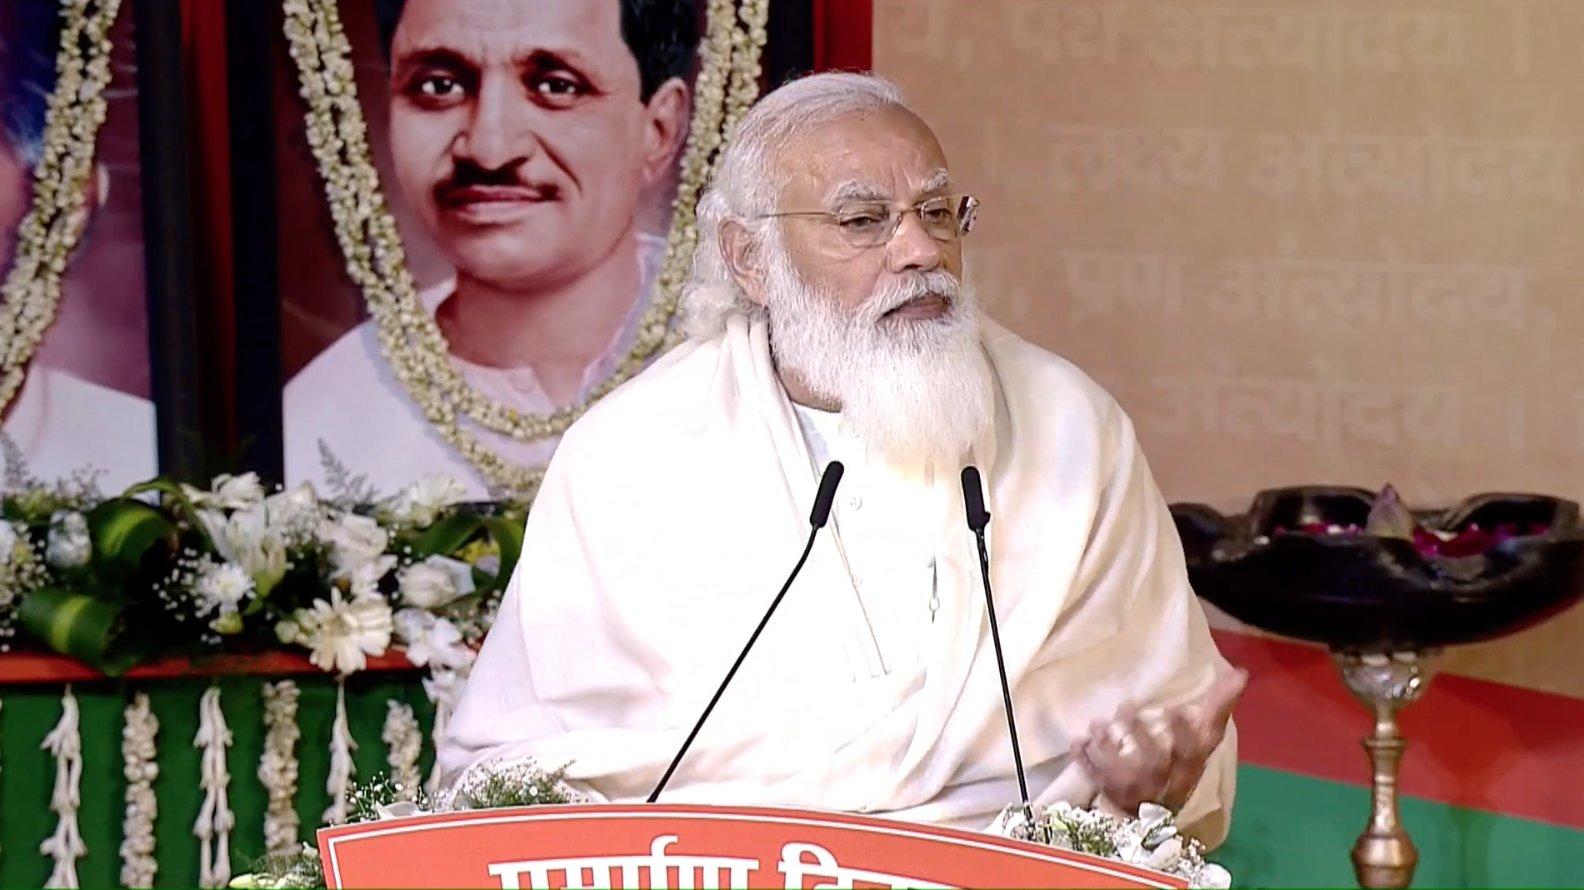 पं. दीनदयाल की पुण्यतिथि पर पीएम मोदी बोल 'खुद भी स्वदेशी अपनाएं, लोगों को भी दें प्रेरणा'